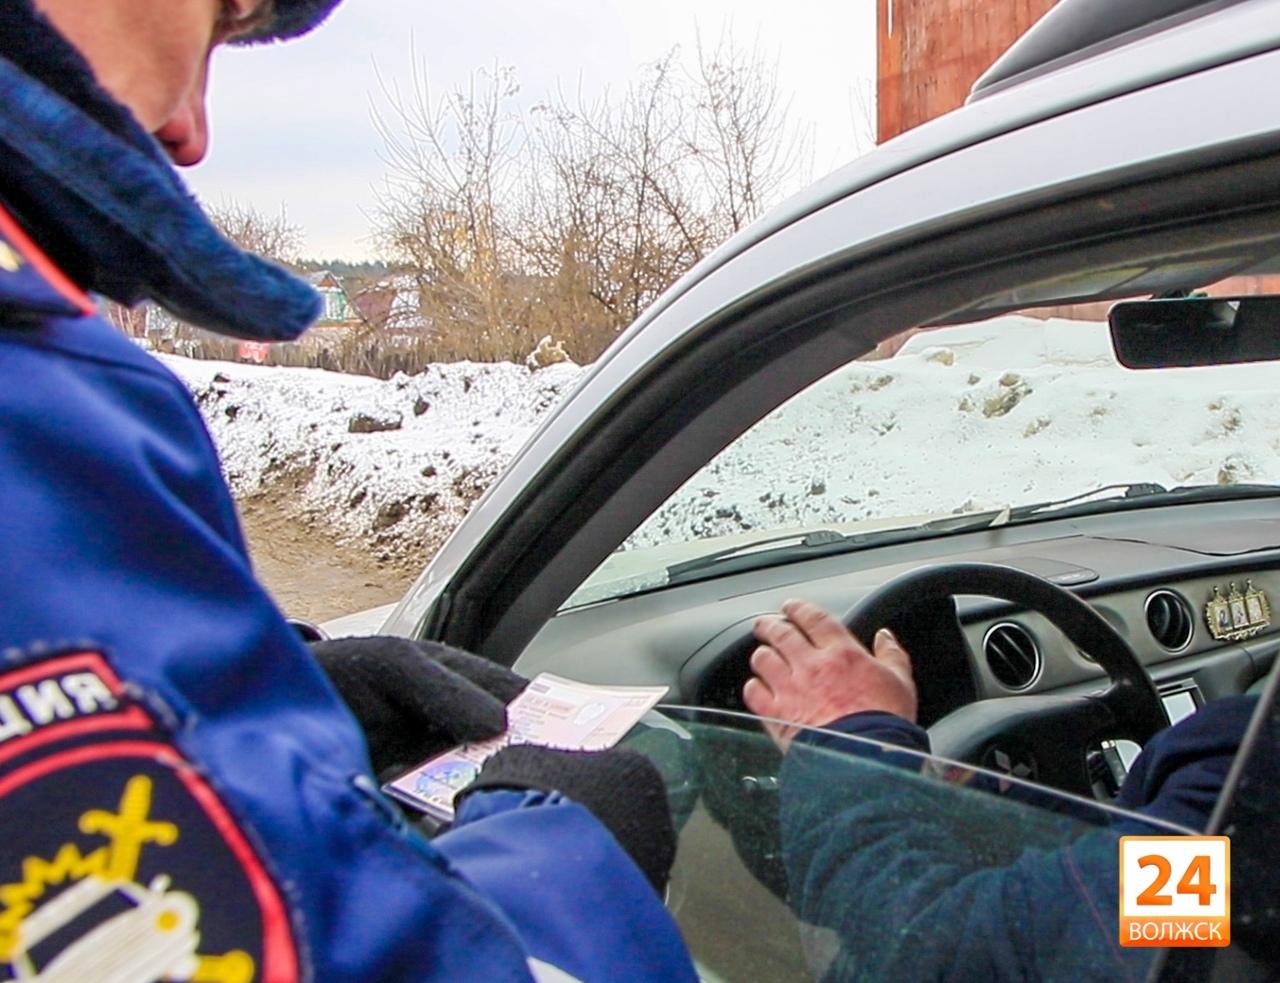 В Волжске и Волжском районе пройдет мероприятие «Нетрезвый водитель»